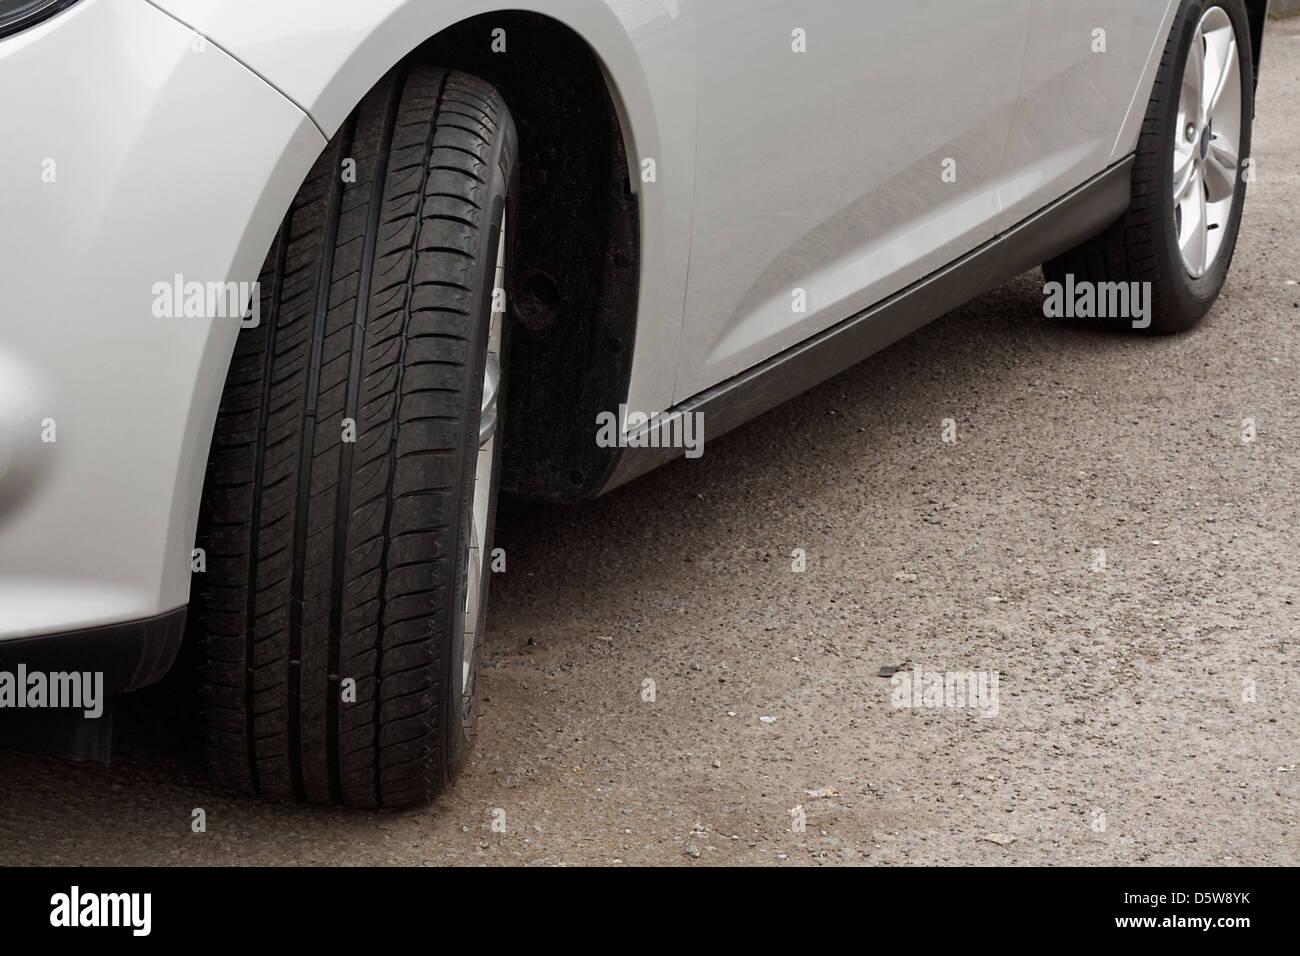 Nuevo conjunto de unworn los neumáticos en un vehículo de motor o coche Foto de stock